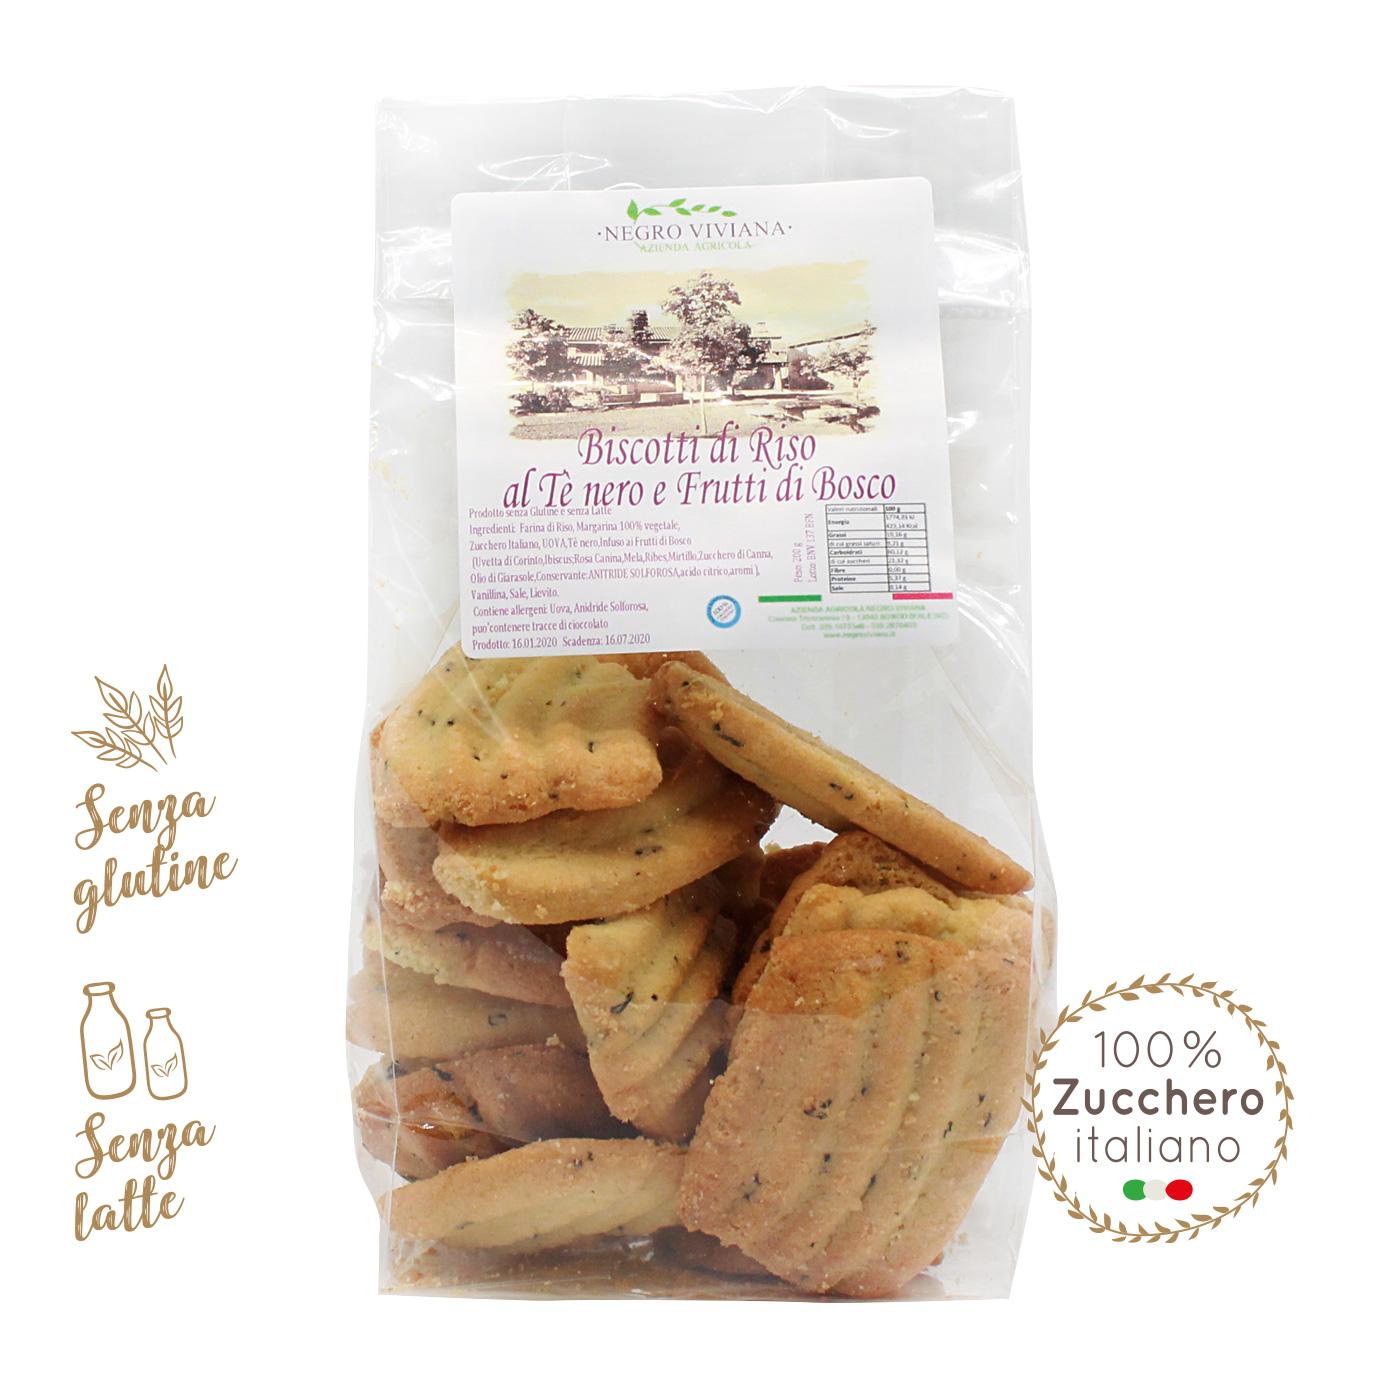 Biscotti di riso al Tè Nero e frutti di bosco   Azienda Agricola Negro Viviana